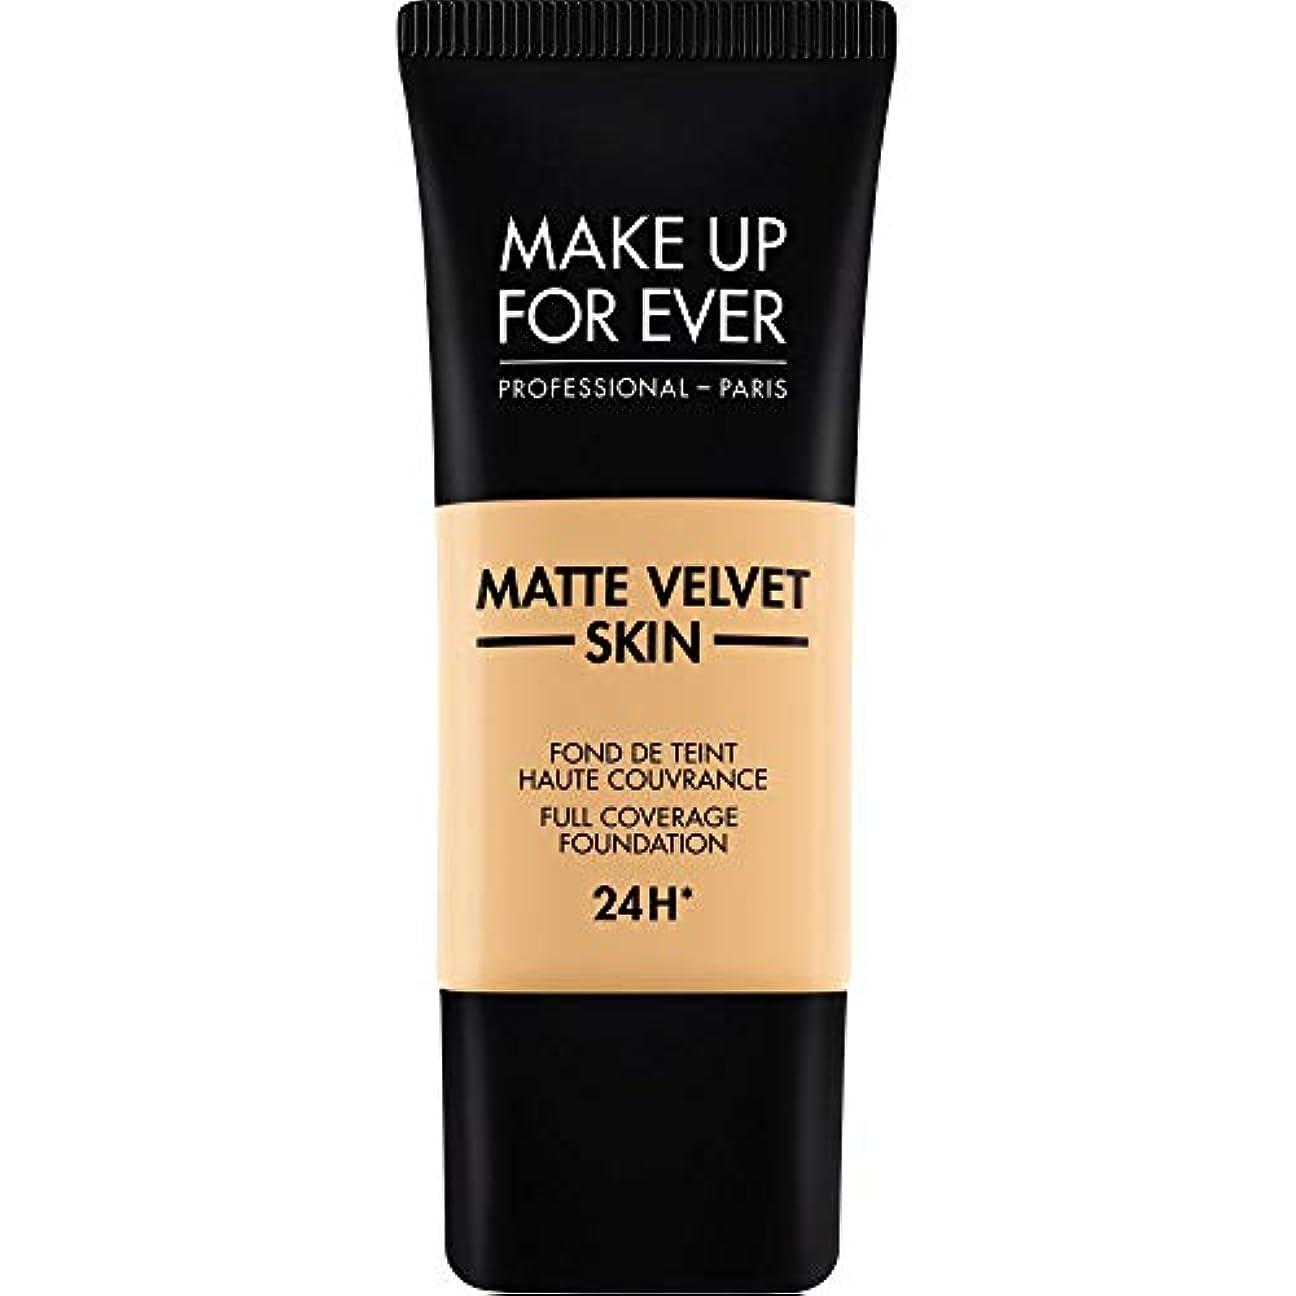 溶接延期する再び[MAKE UP FOR EVER ] 柔らかい砂 - これまでマットベルベットの皮膚のフルカバレッジ基礎30ミリリットルのY245を補います - MAKE UP FOR EVER Matte Velvet Skin Full...